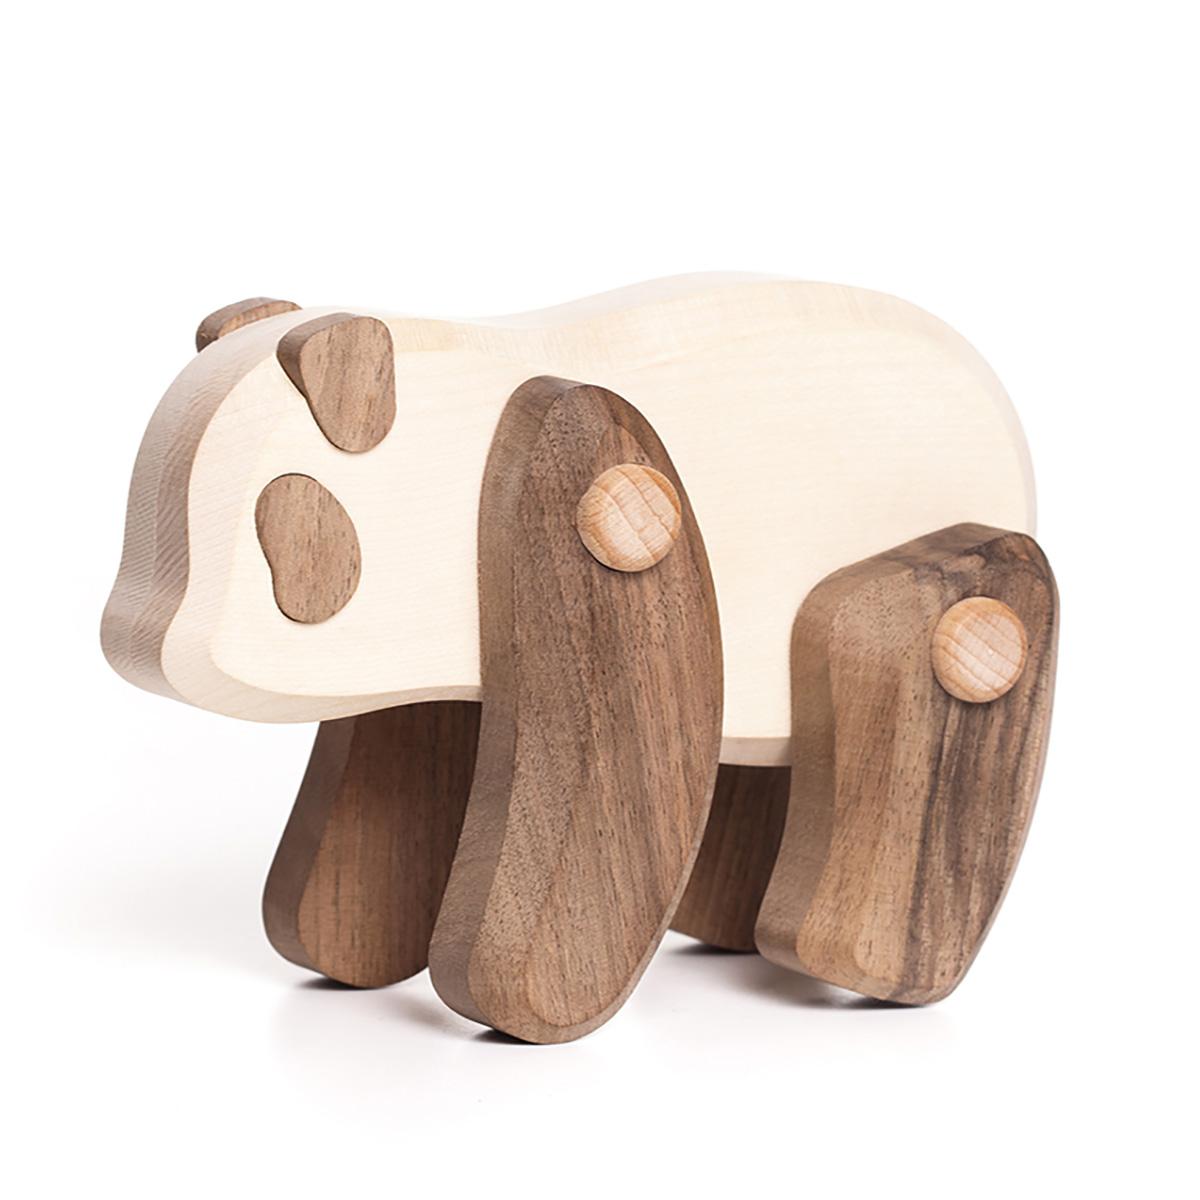 動く木製アニマル・オブジェ パンダ